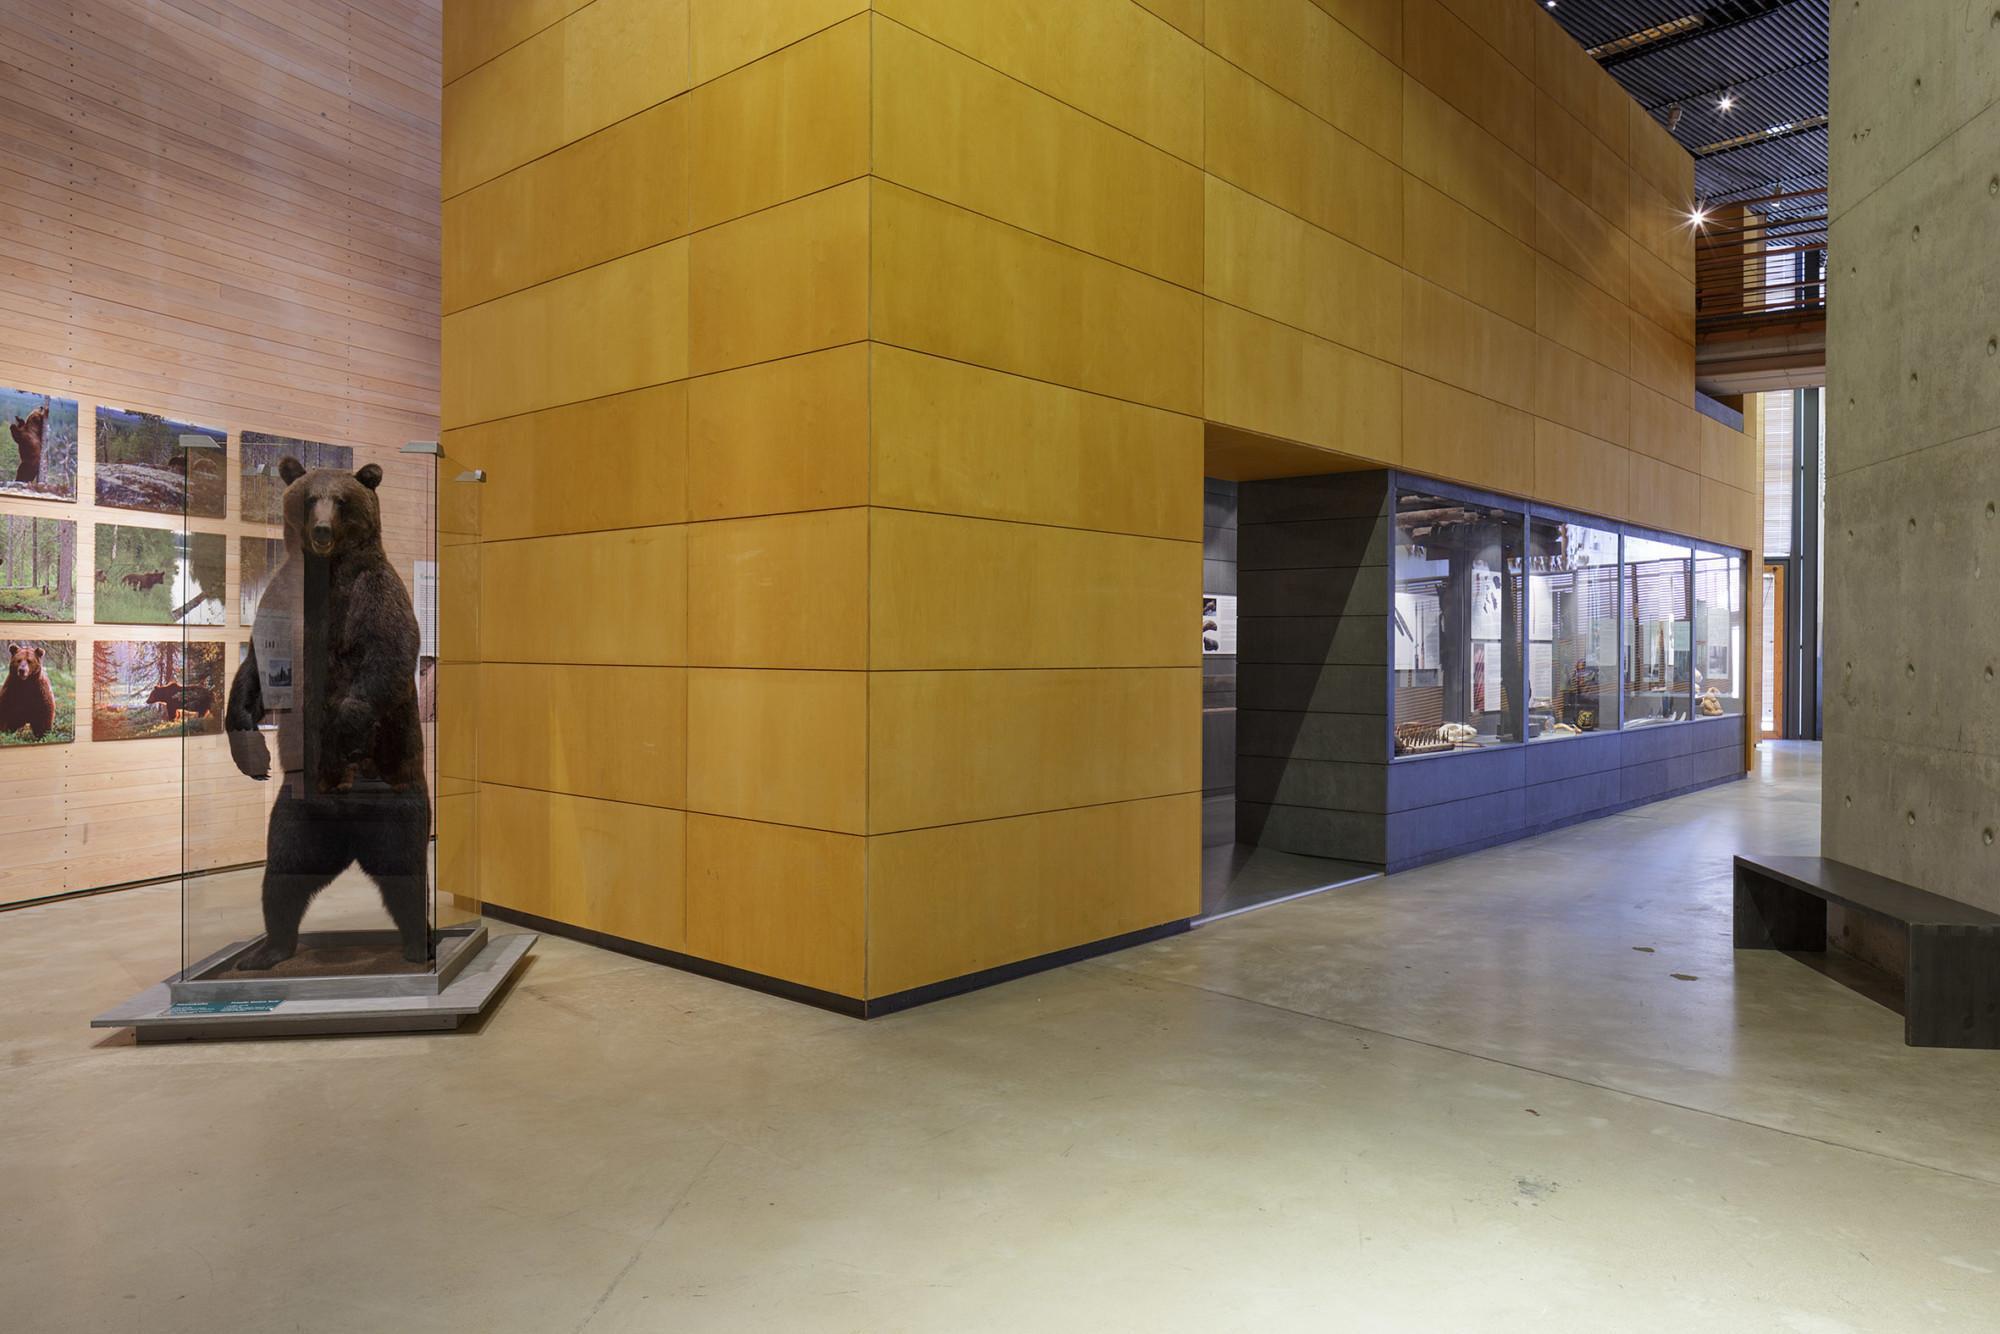 Suorakaiteen muotoinen rakenne näyttelytilassa. Etualalla jaloilleen noussut, täytetty karhu.